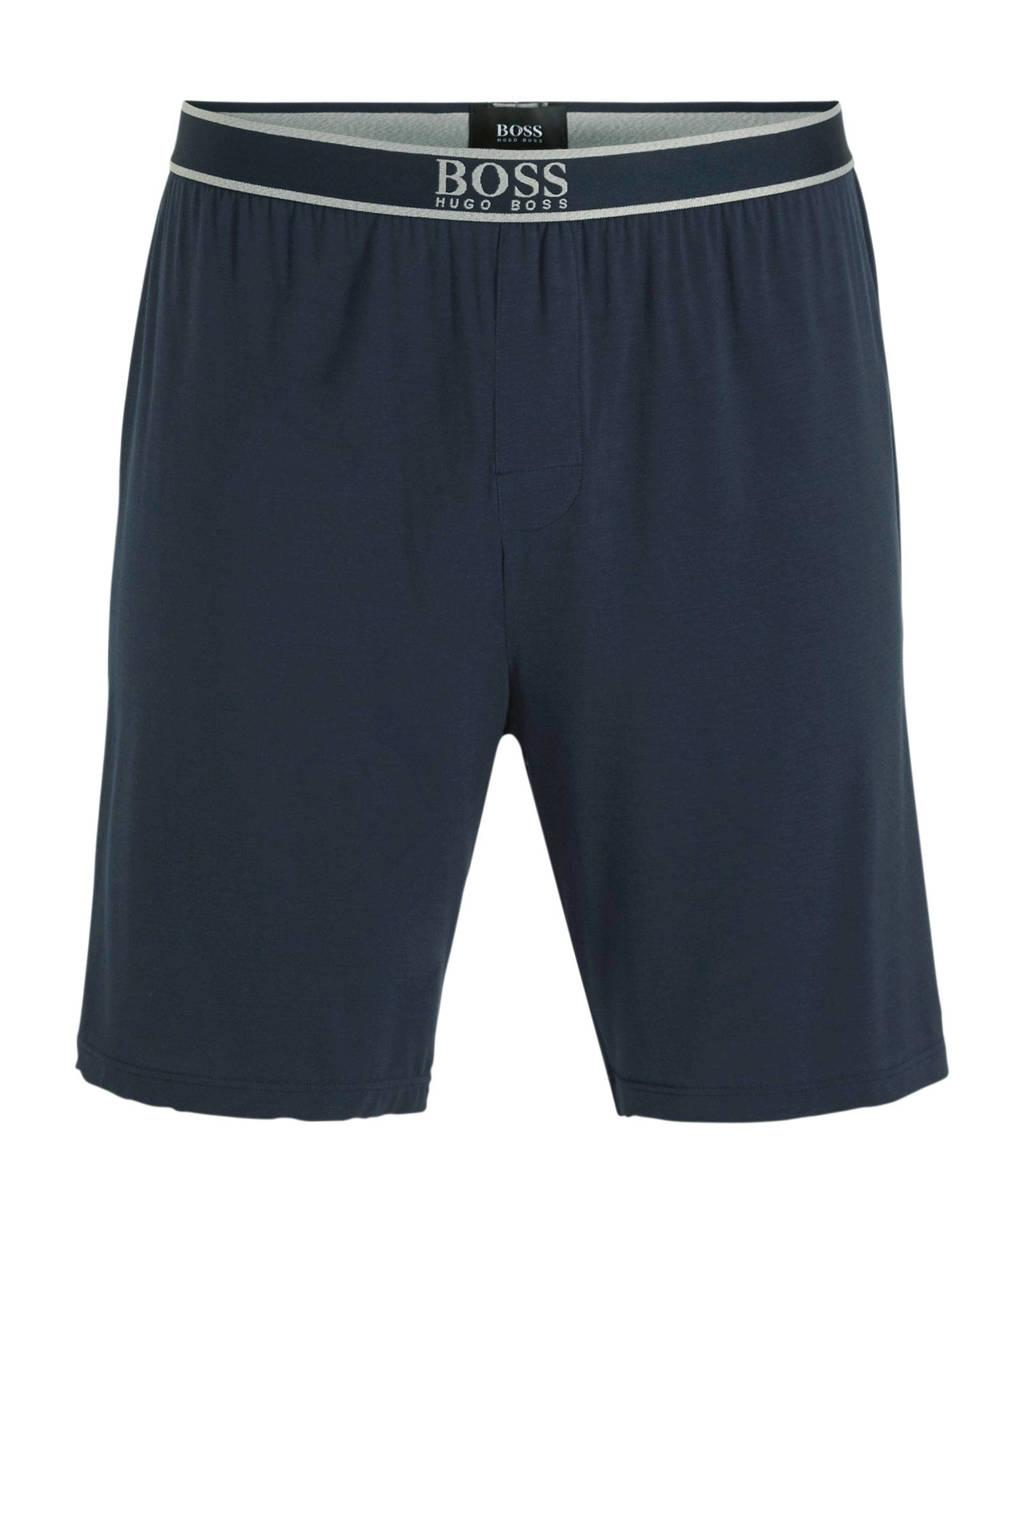 BOSS pyjamashort donkerblauw, Donkerblauw